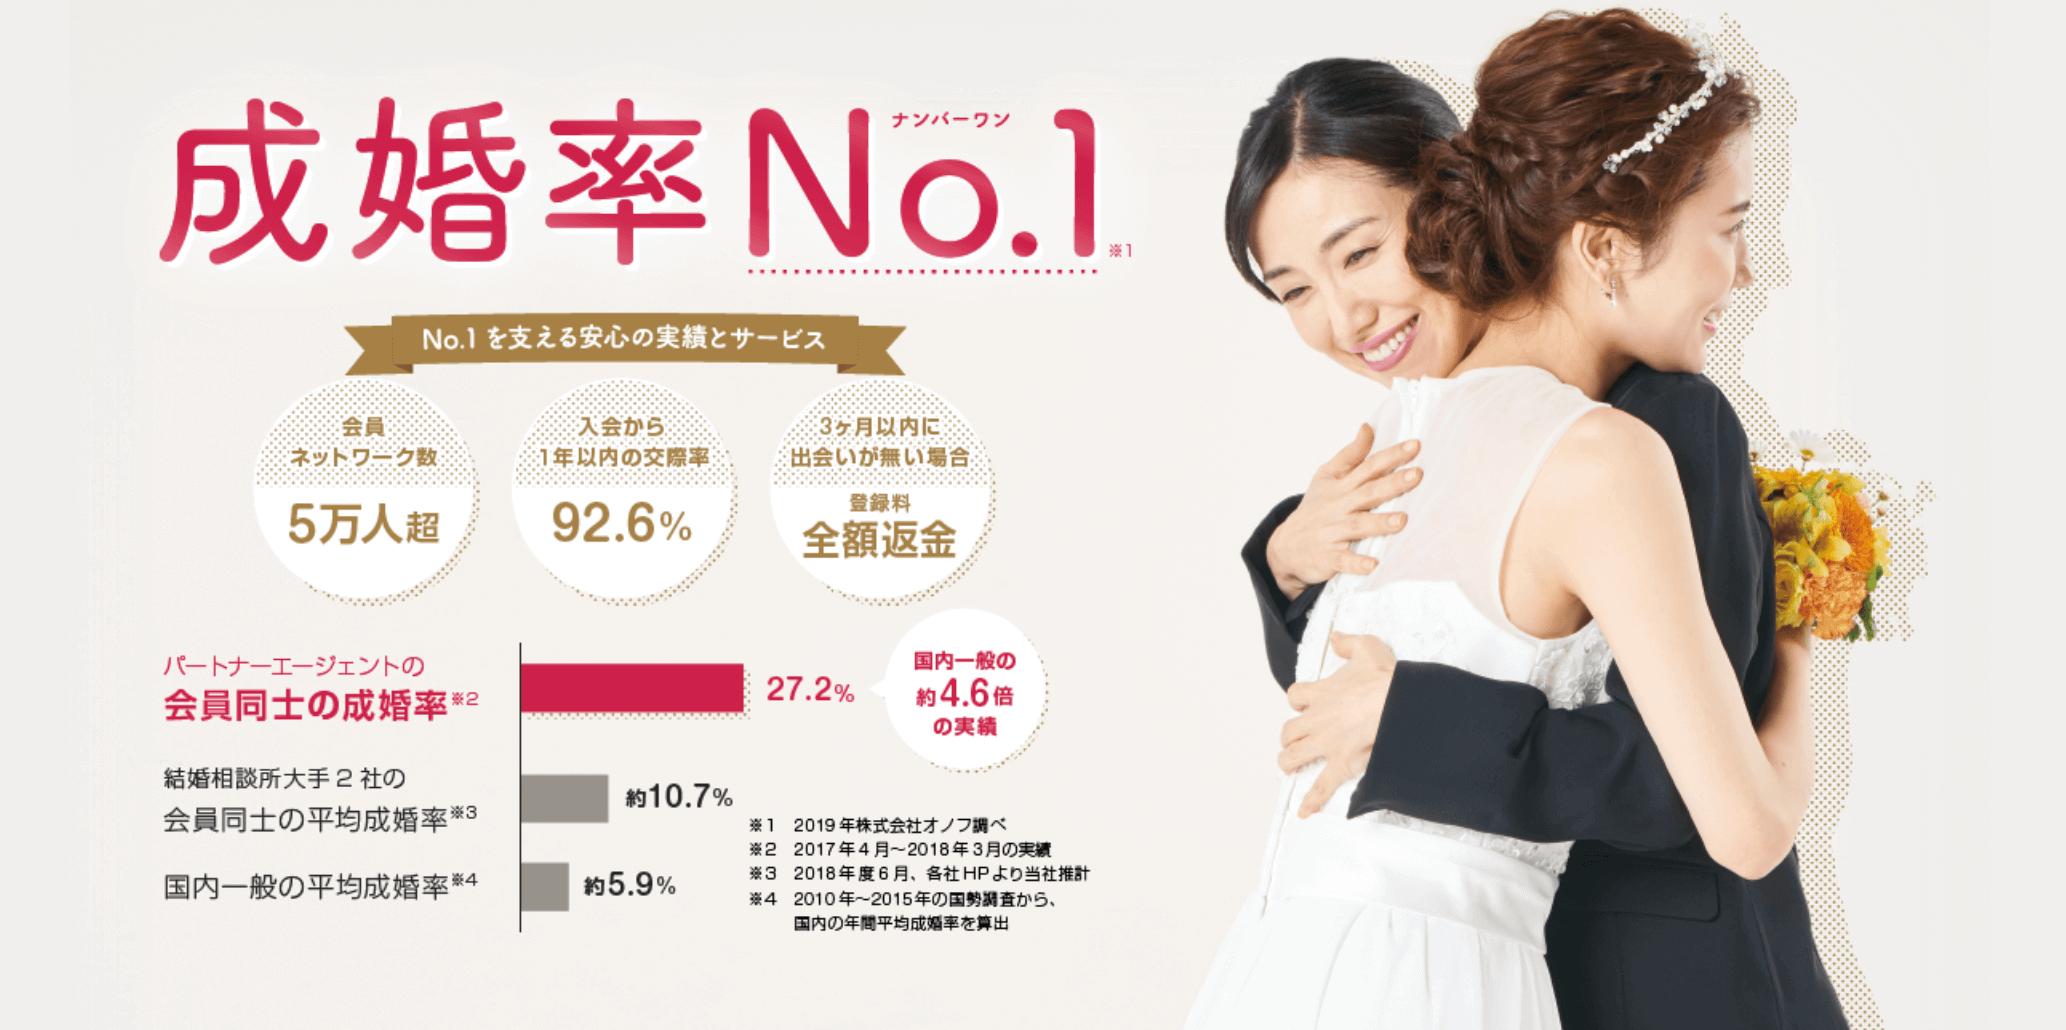 札幌のおすすめ結婚相談所ランキング:パートナーエージェント